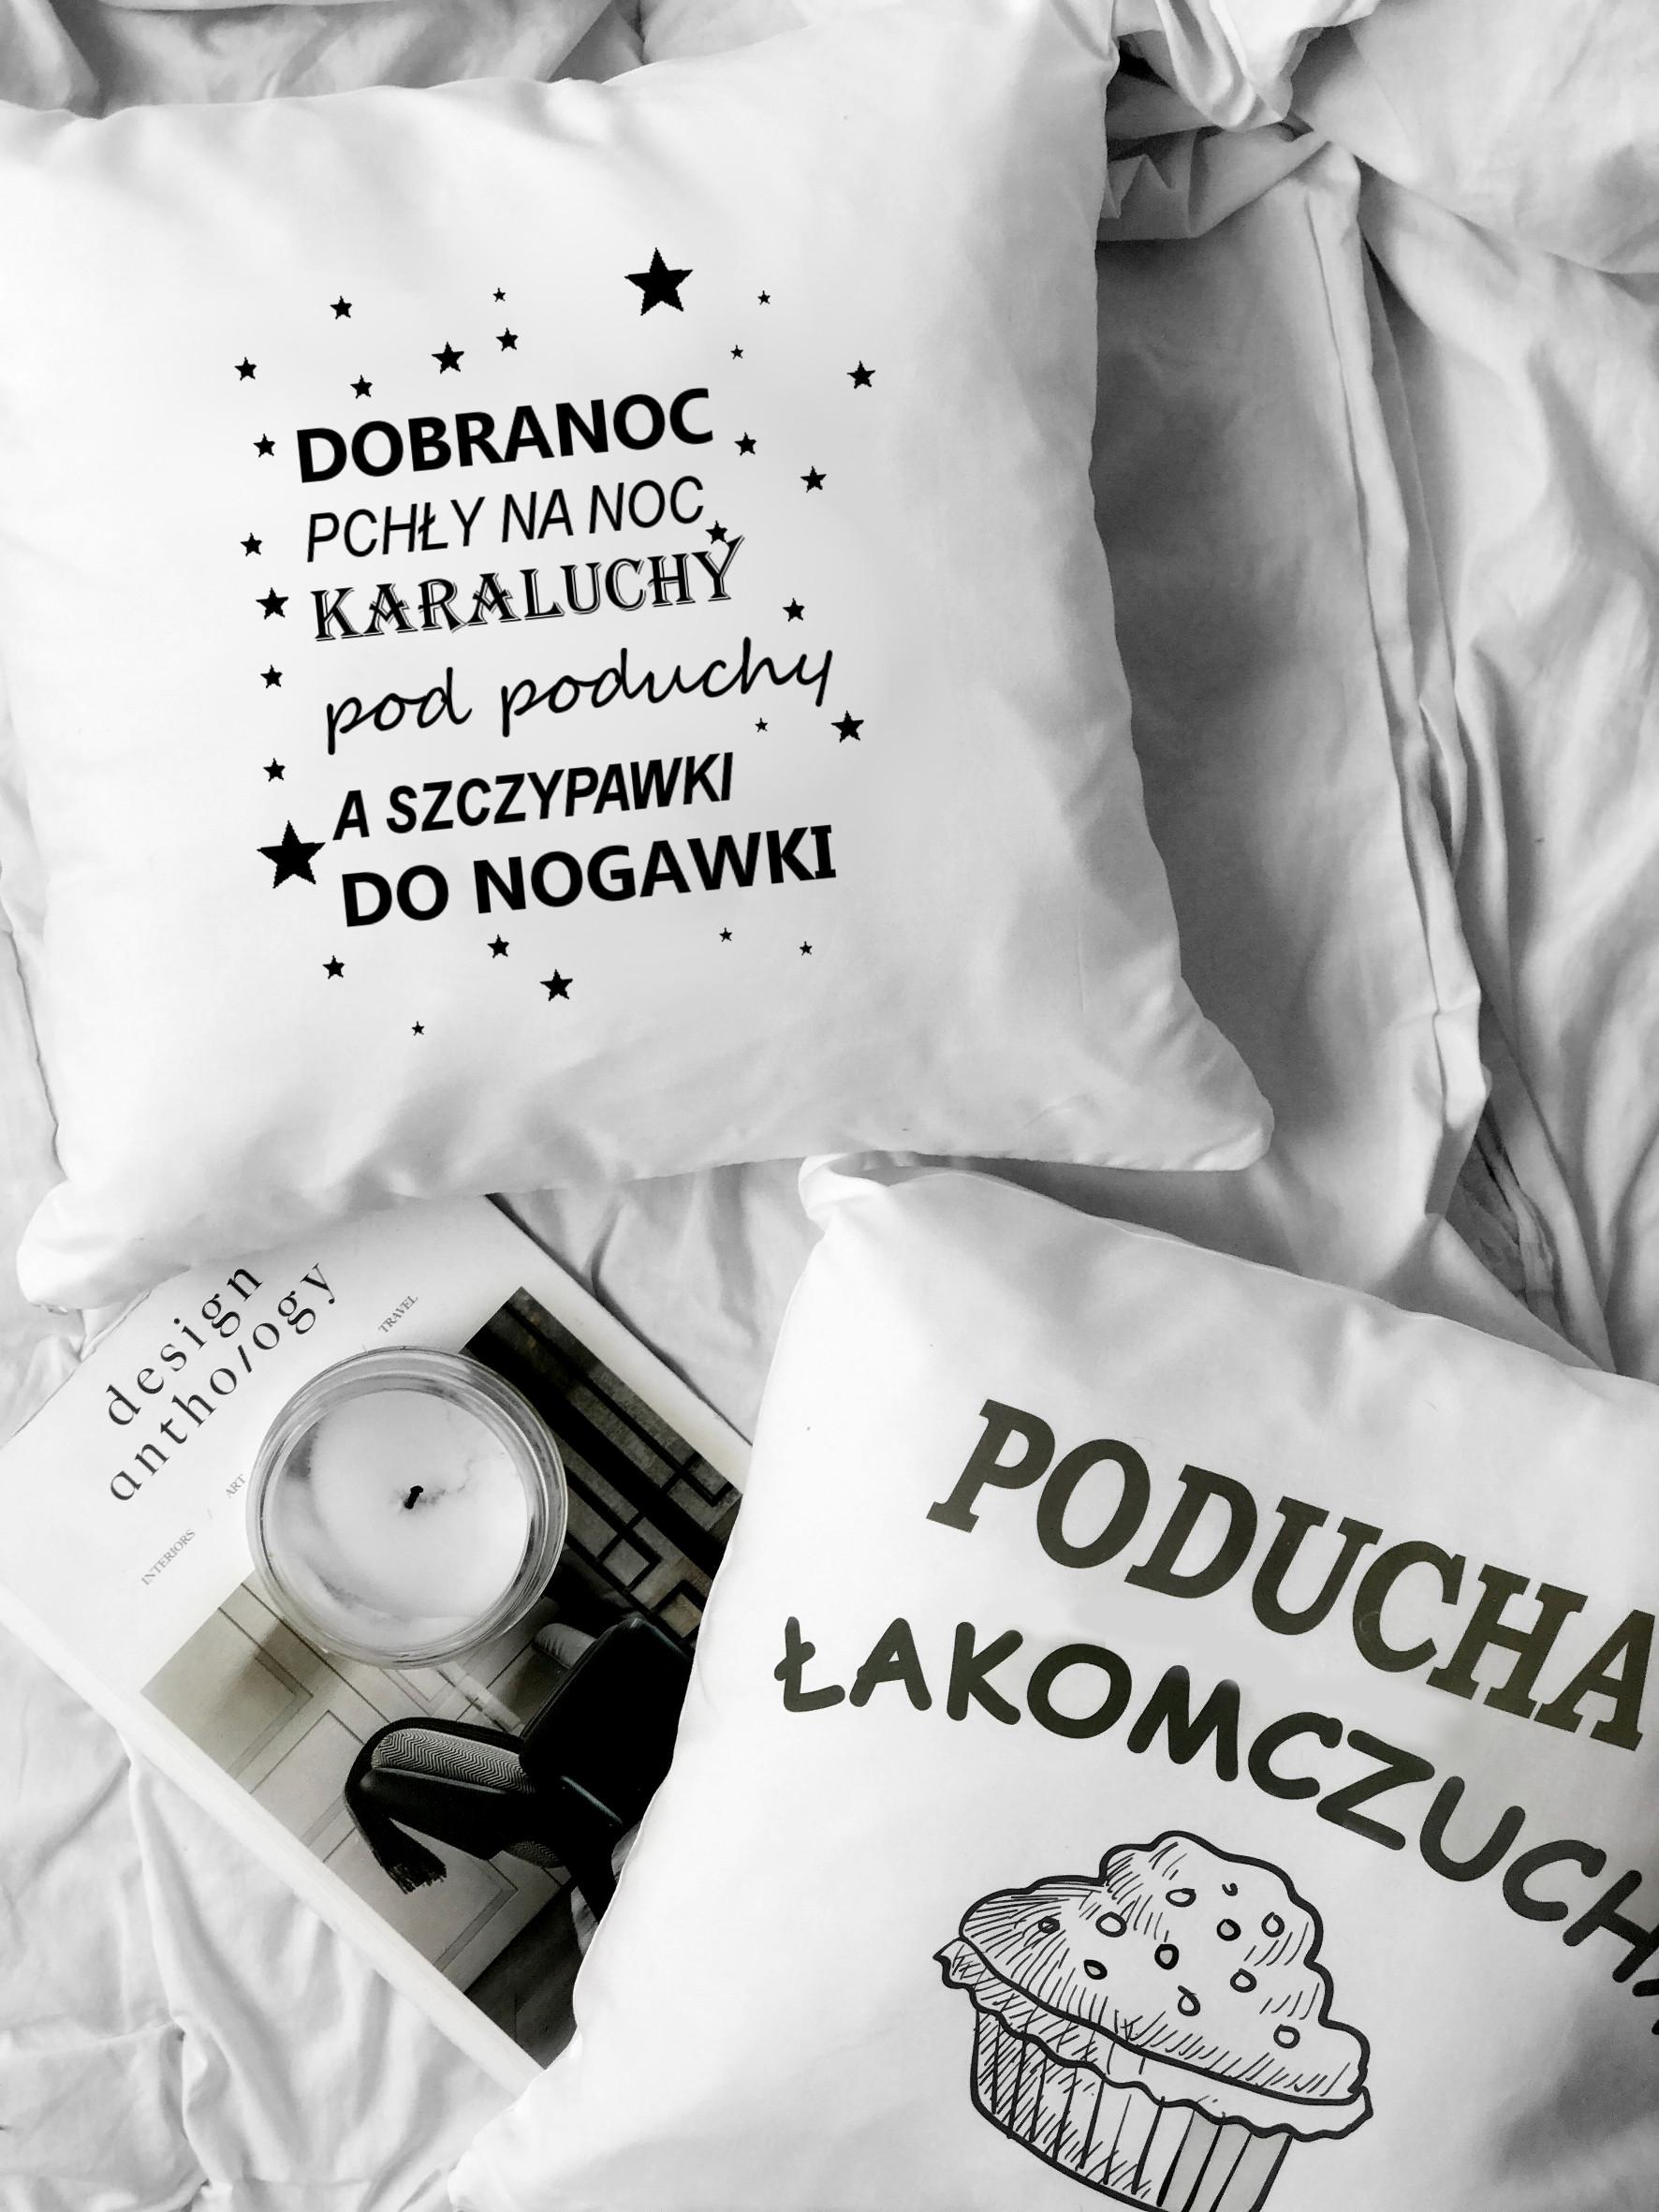 Dobranoc. Pchły na noc, wierszyk dla dzieci do poduszki